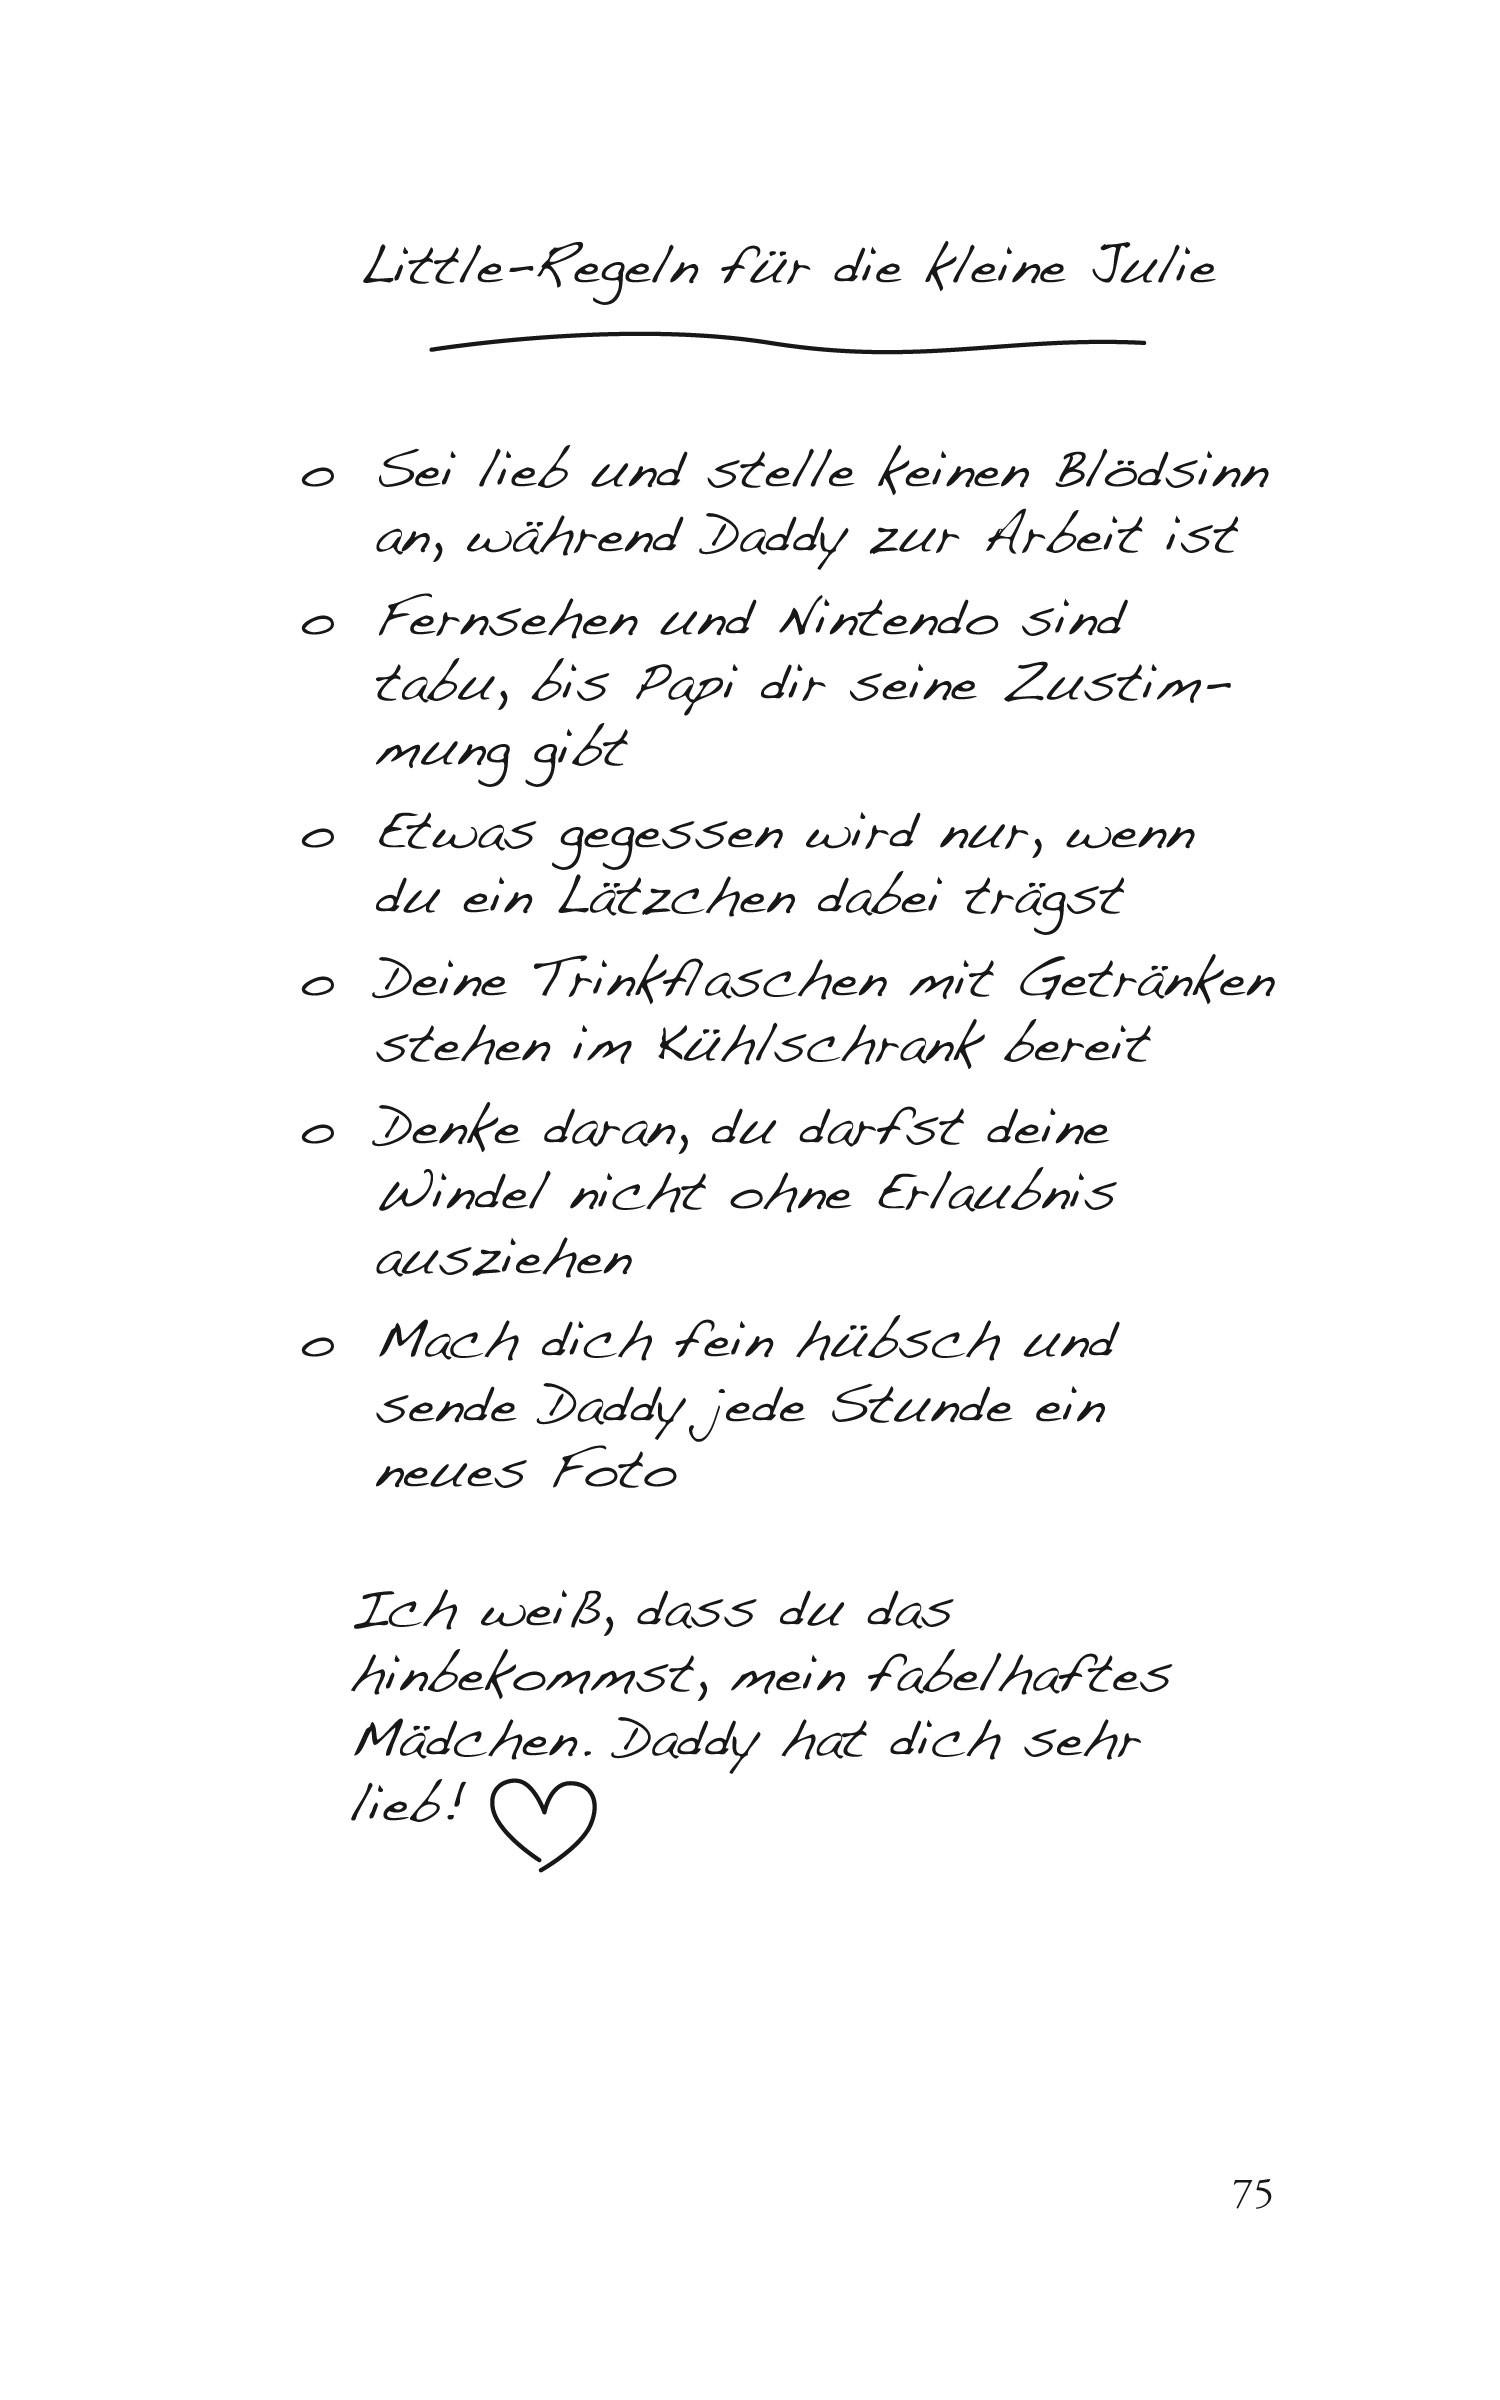 """Kleine Welt Taschenbuch Seite 75 """"Little-Regeln"""""""